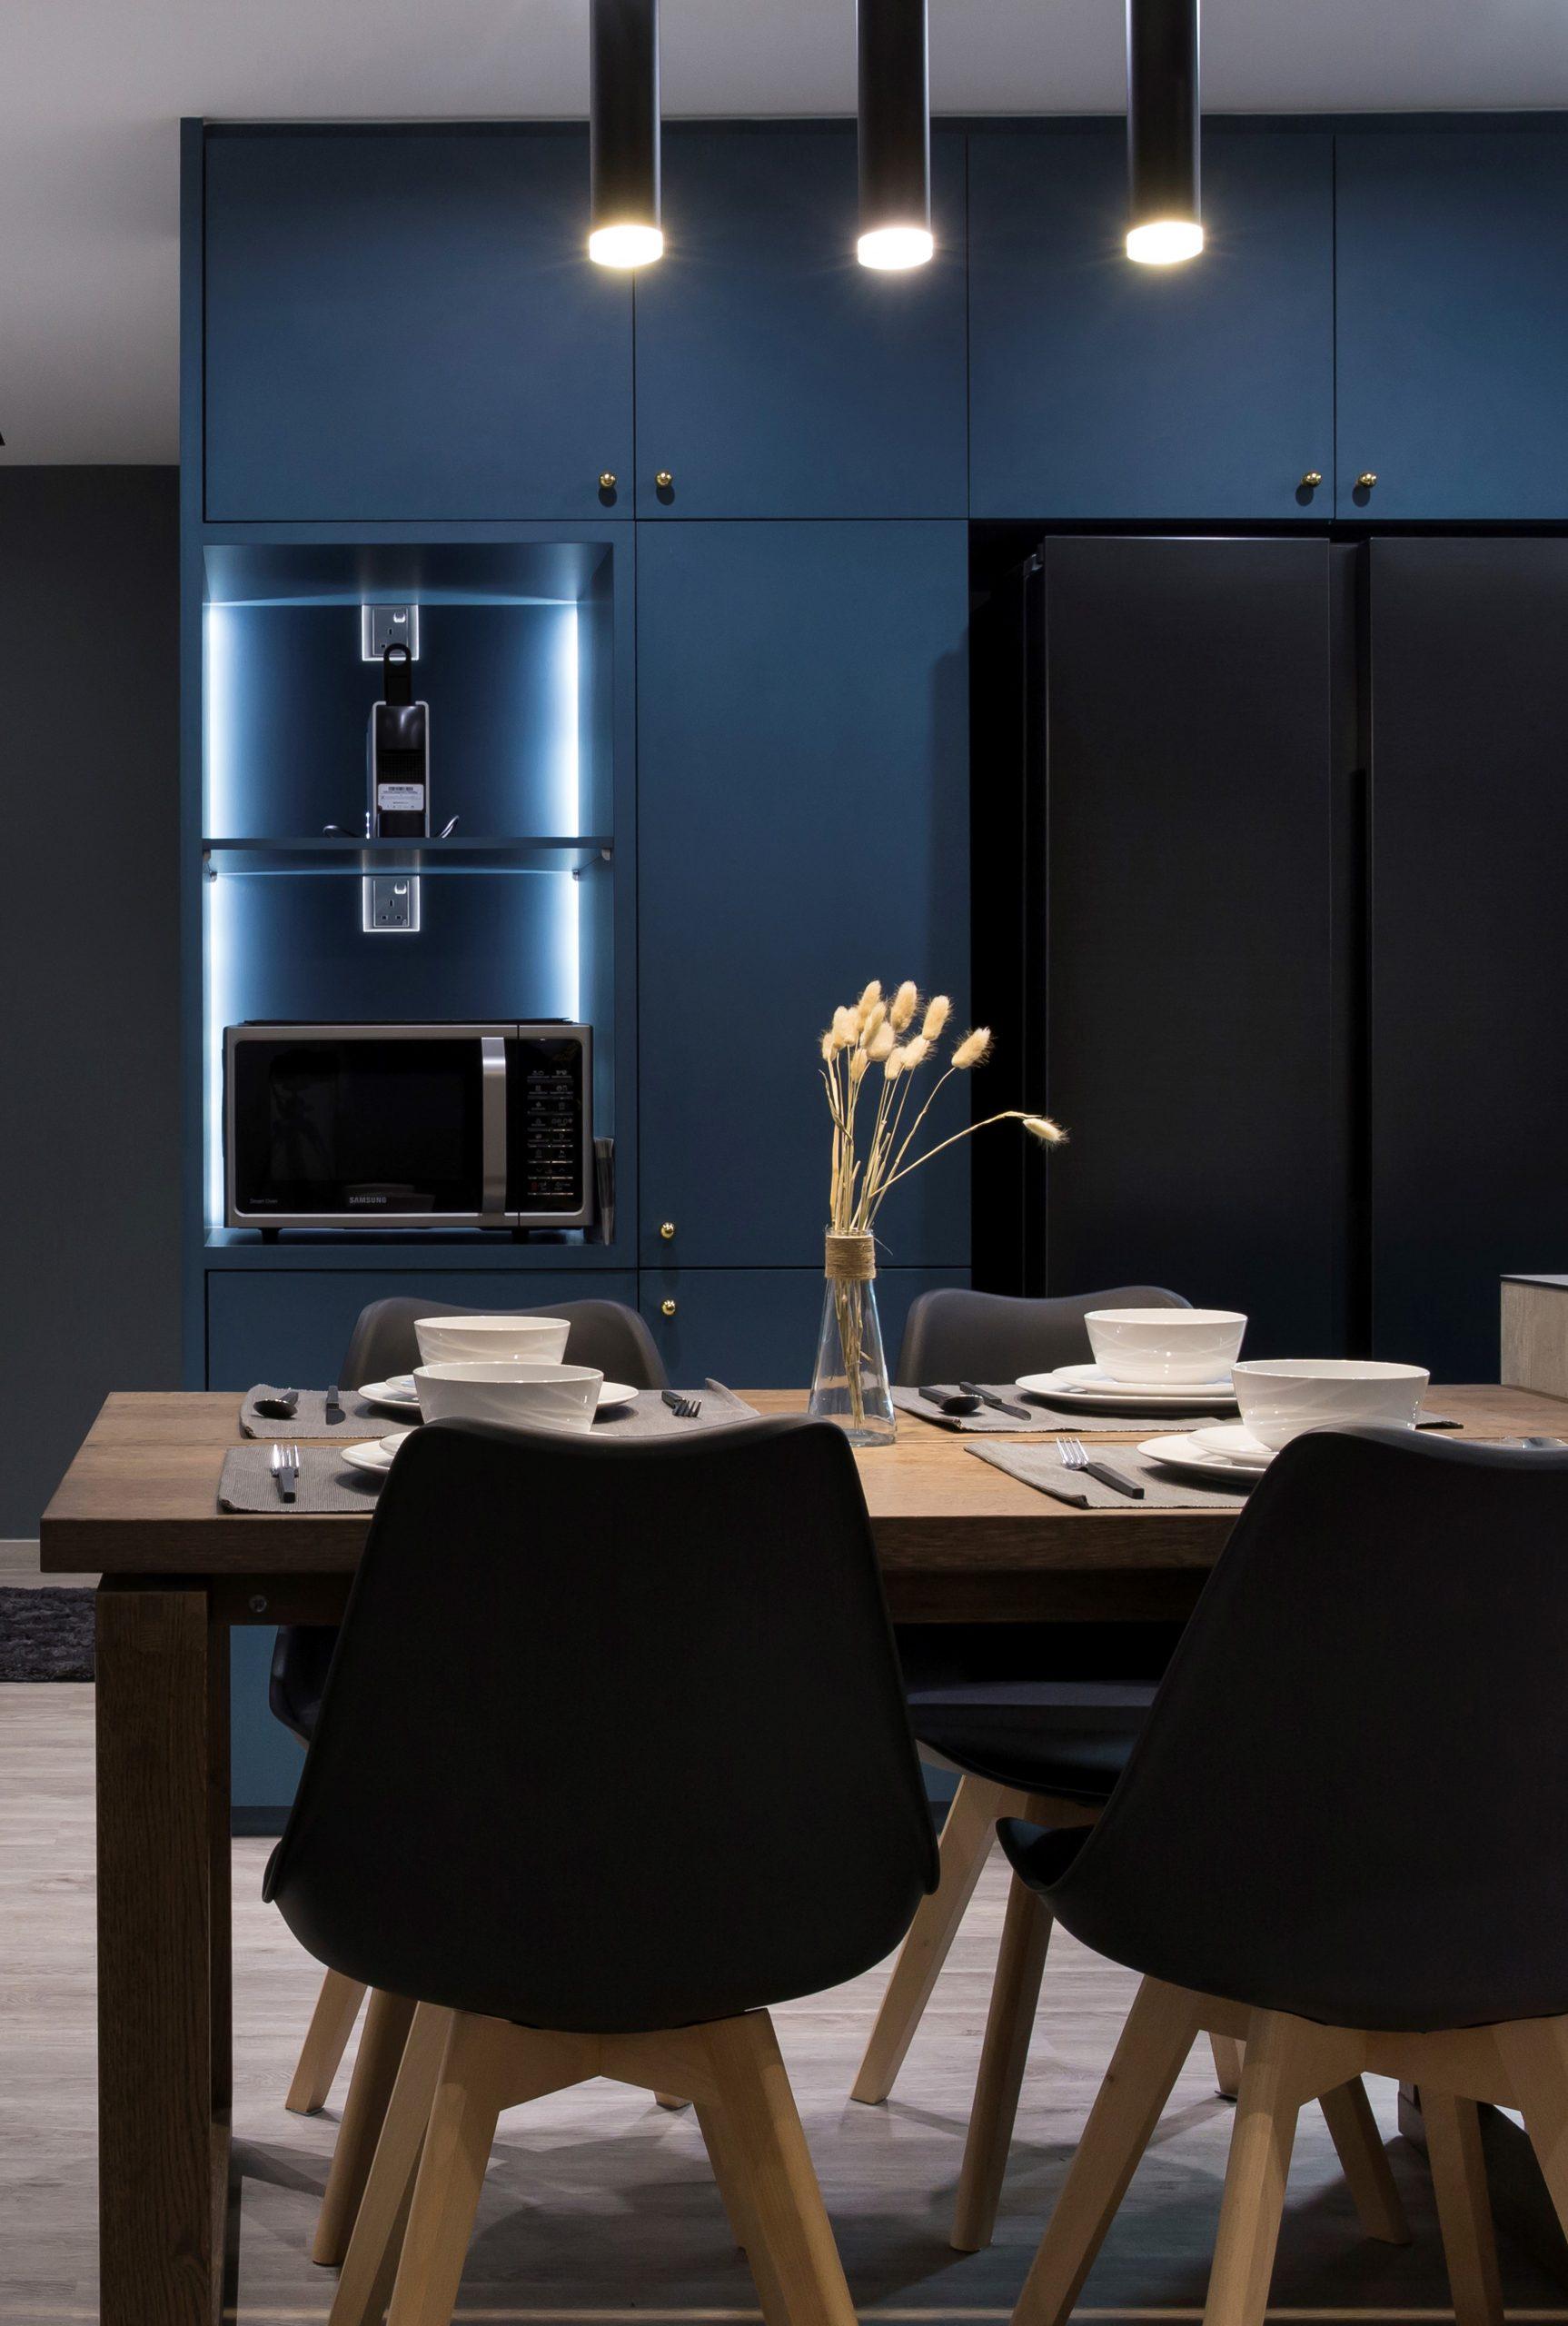 inizio_punggolroad_kitchen1585048475628